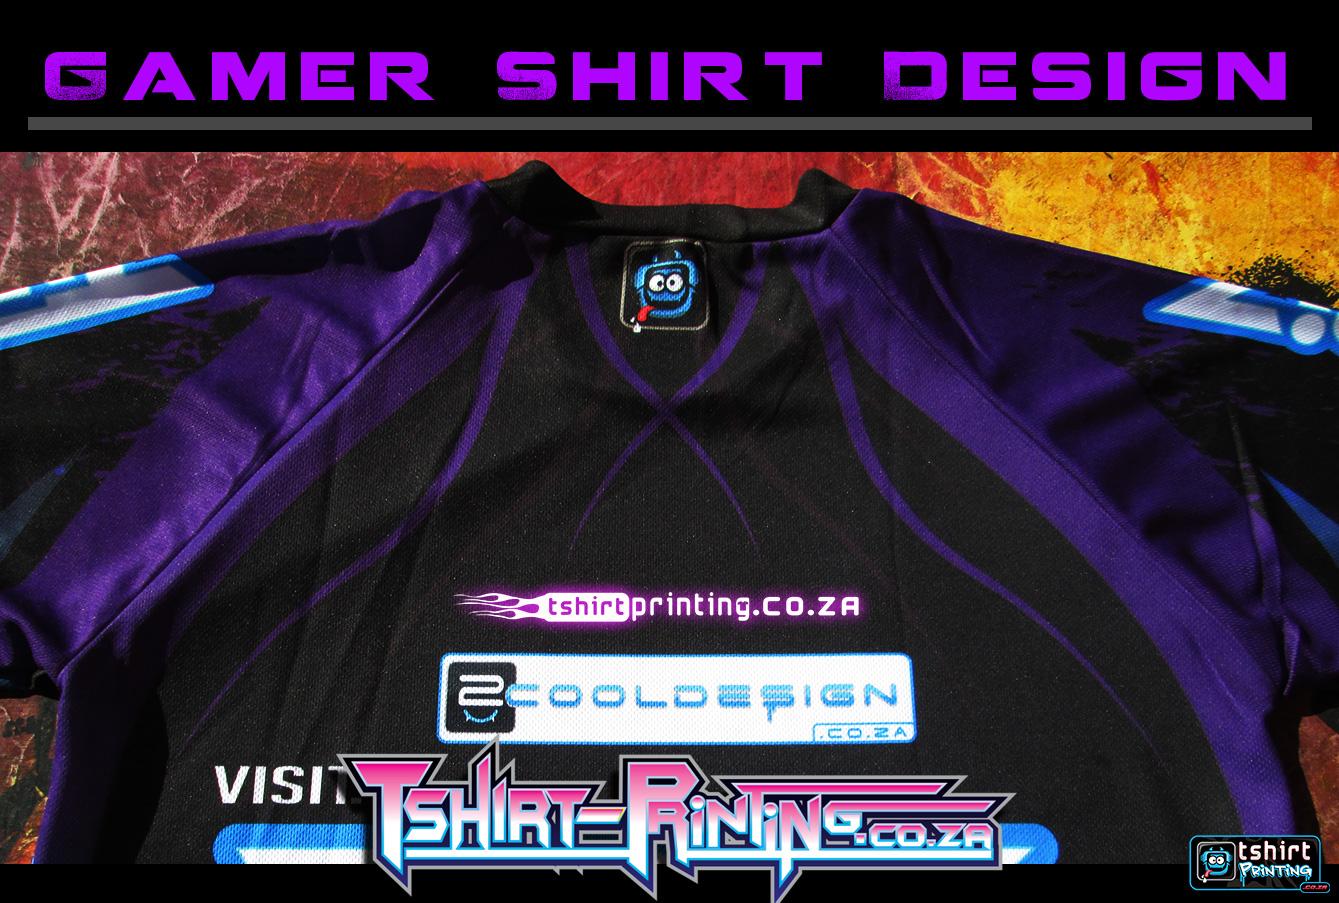 tbiz.co.za-2cooldesign.co.za-tshirtprinting.co.za-gamer-shirt-design